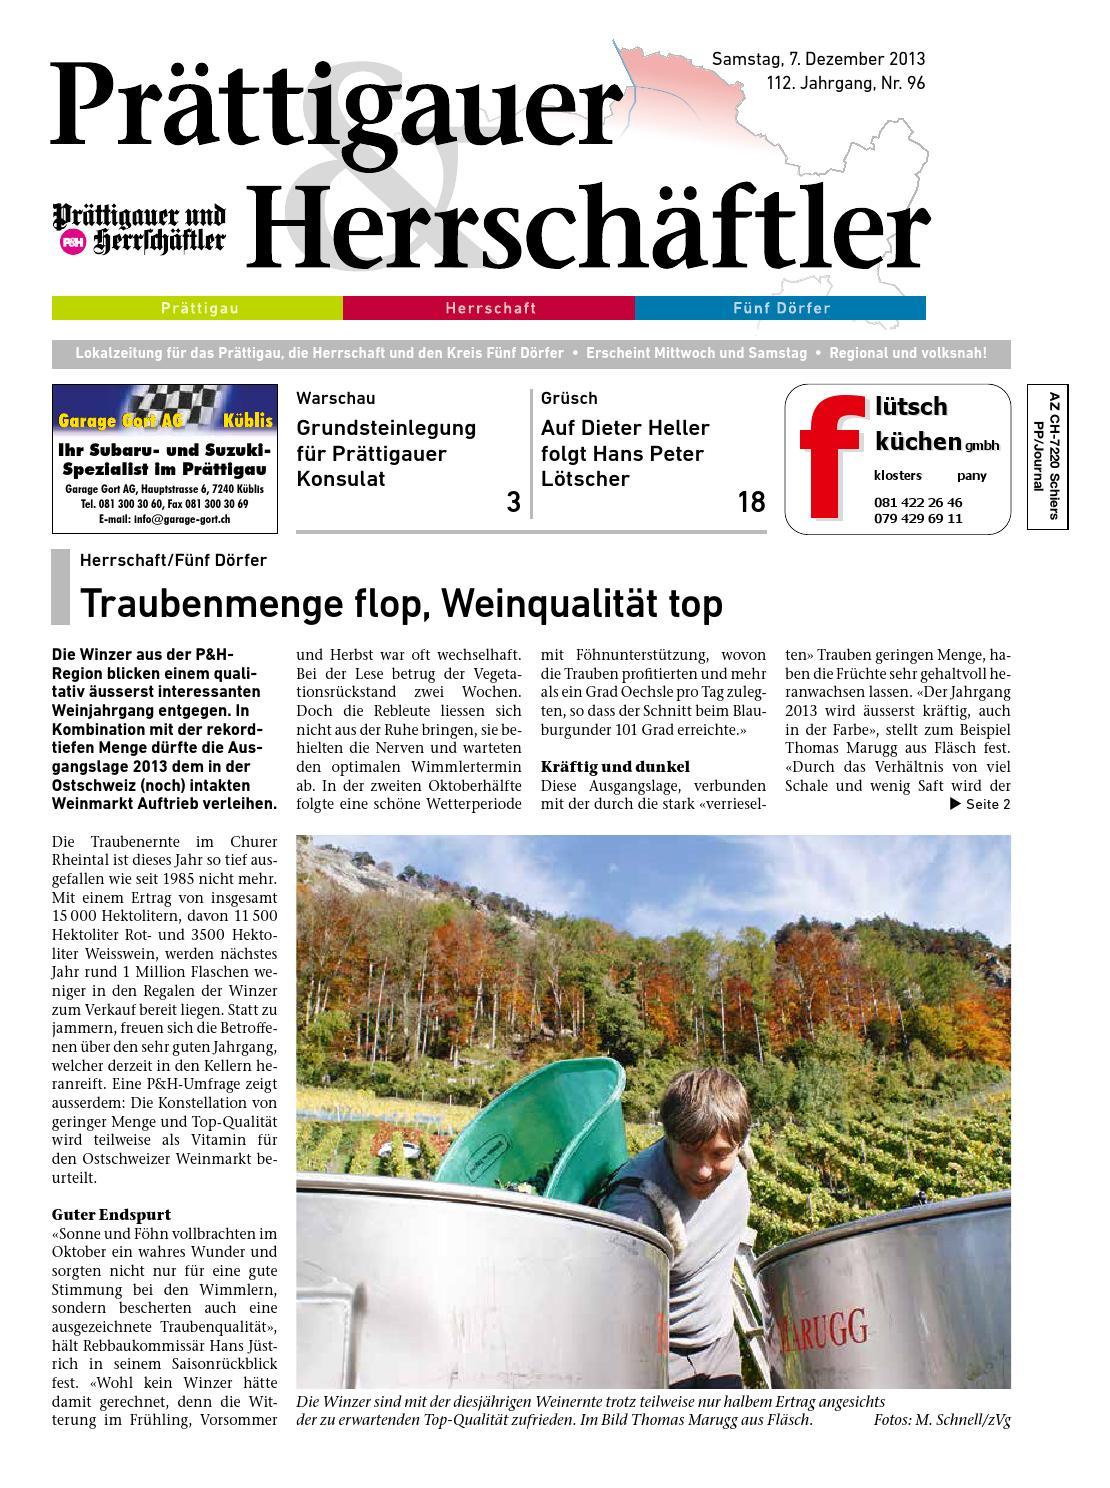 P&h sa 07 12 13 nr96 low by AG Buchdruckerei Schiers / Verlag ...